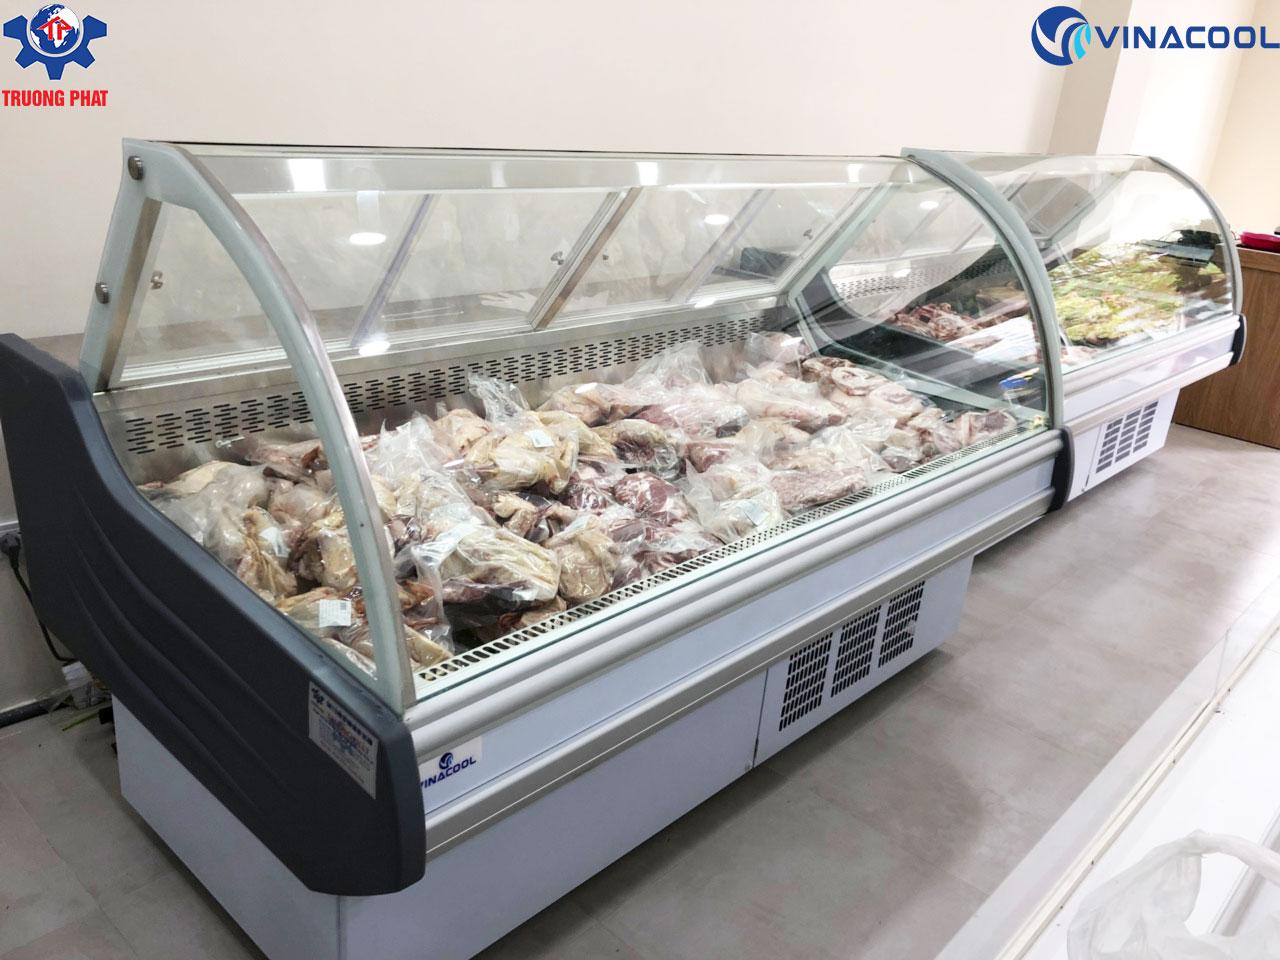 tủ bảo quản thịt tươi trắng Trường Phát